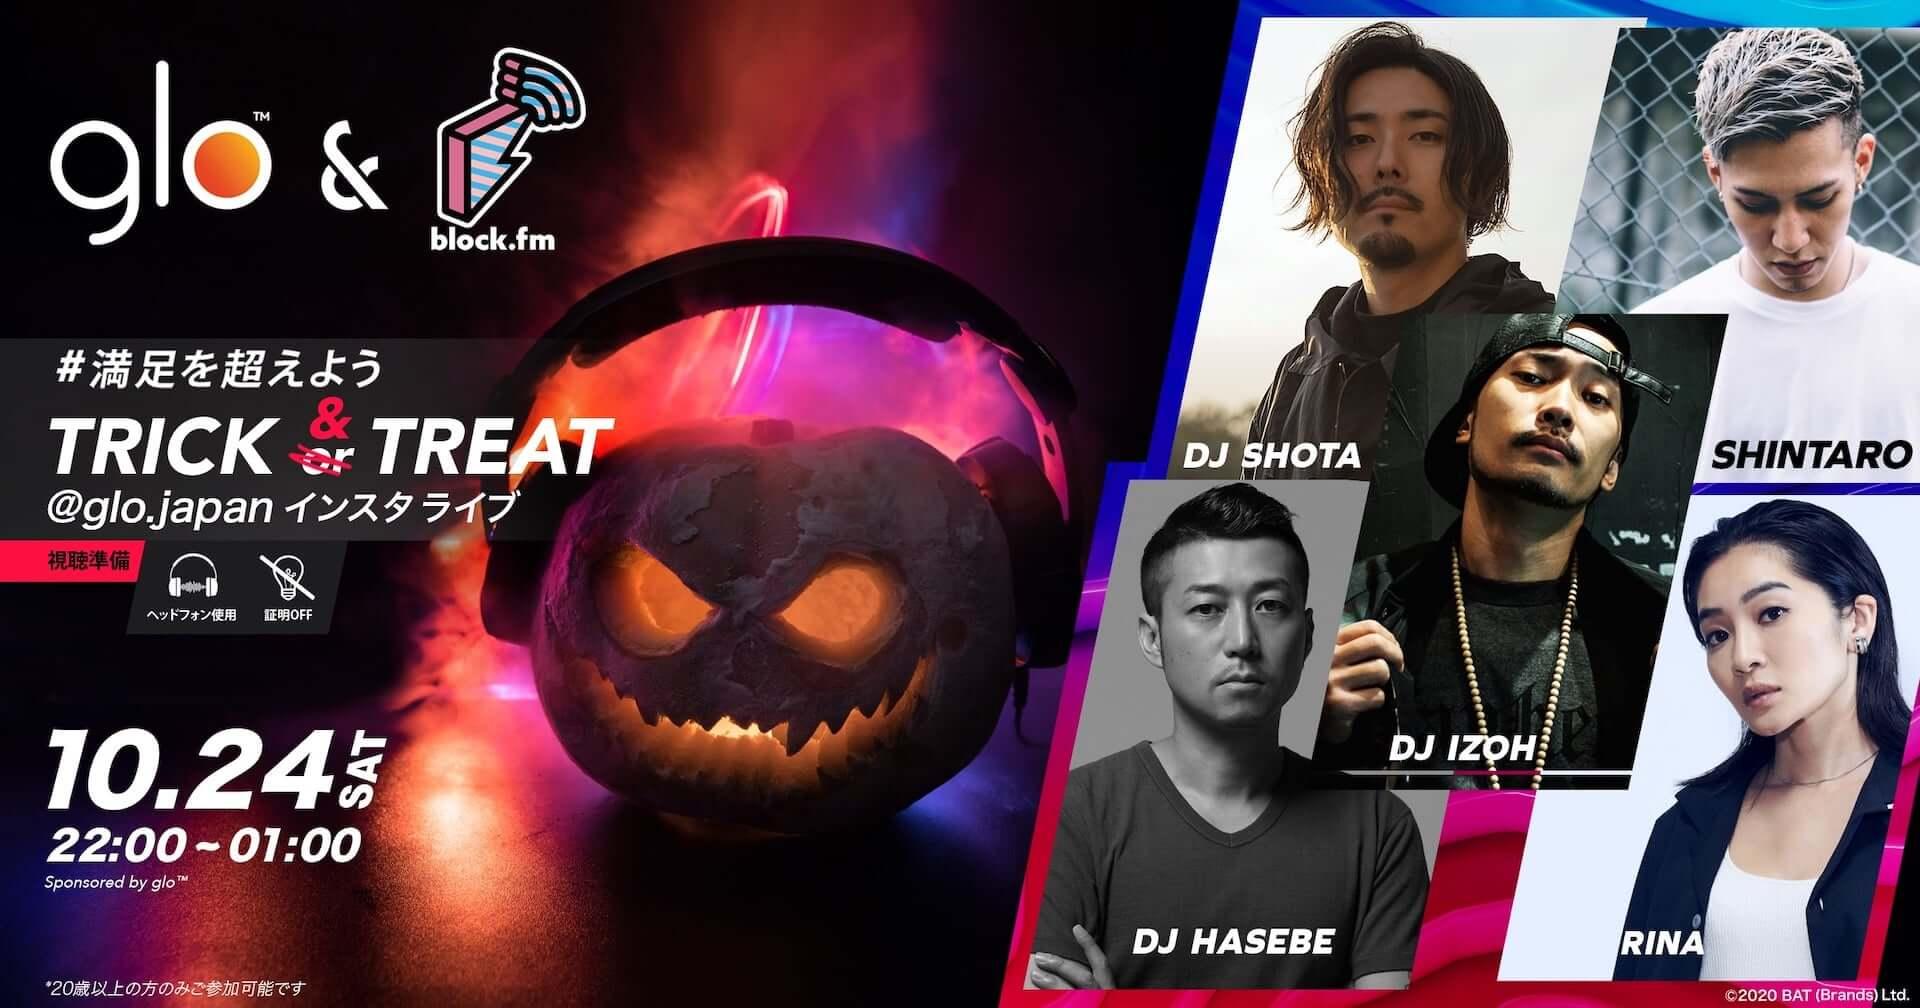 glo™とblock.fmが贈るハロウィンDJパーティー<TRICK & TREAT>がオンラインで開催決定!DJ HASEBE、SHINTARO、RINAらが出演 music201020_glo-trickandtreat_3-1920x1008